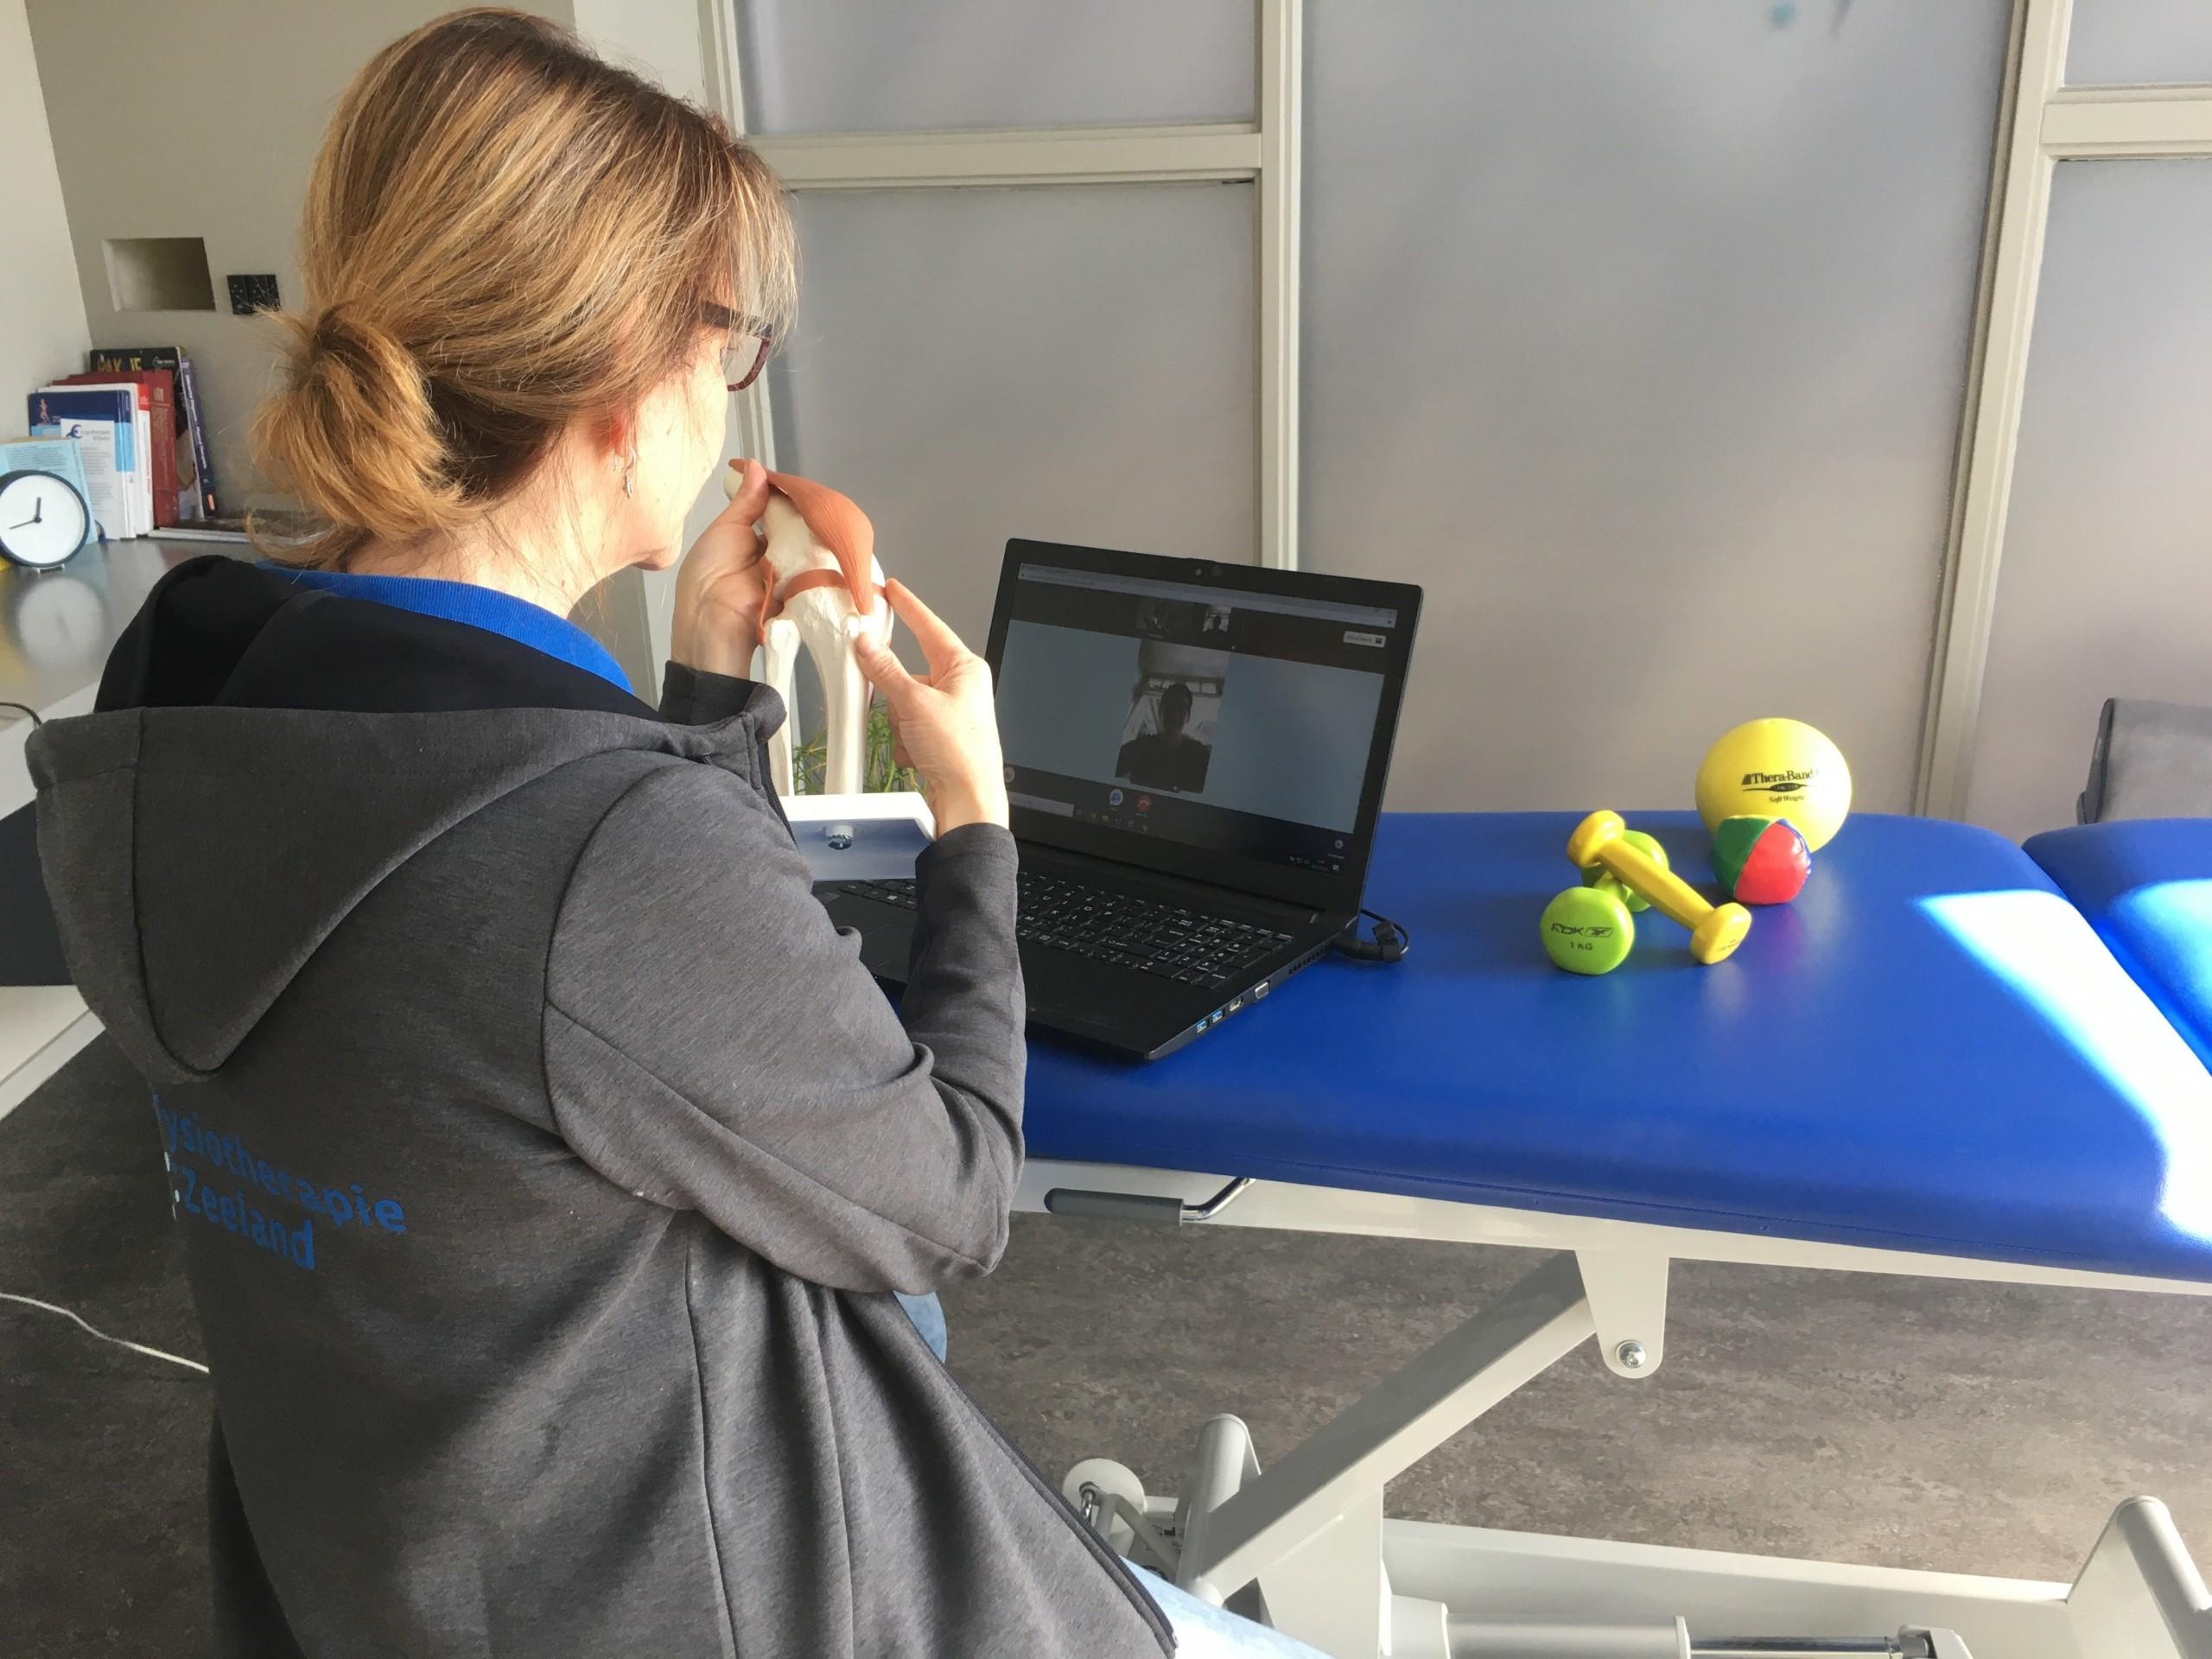 Fysiotherapie op afstand door middel van videobellen